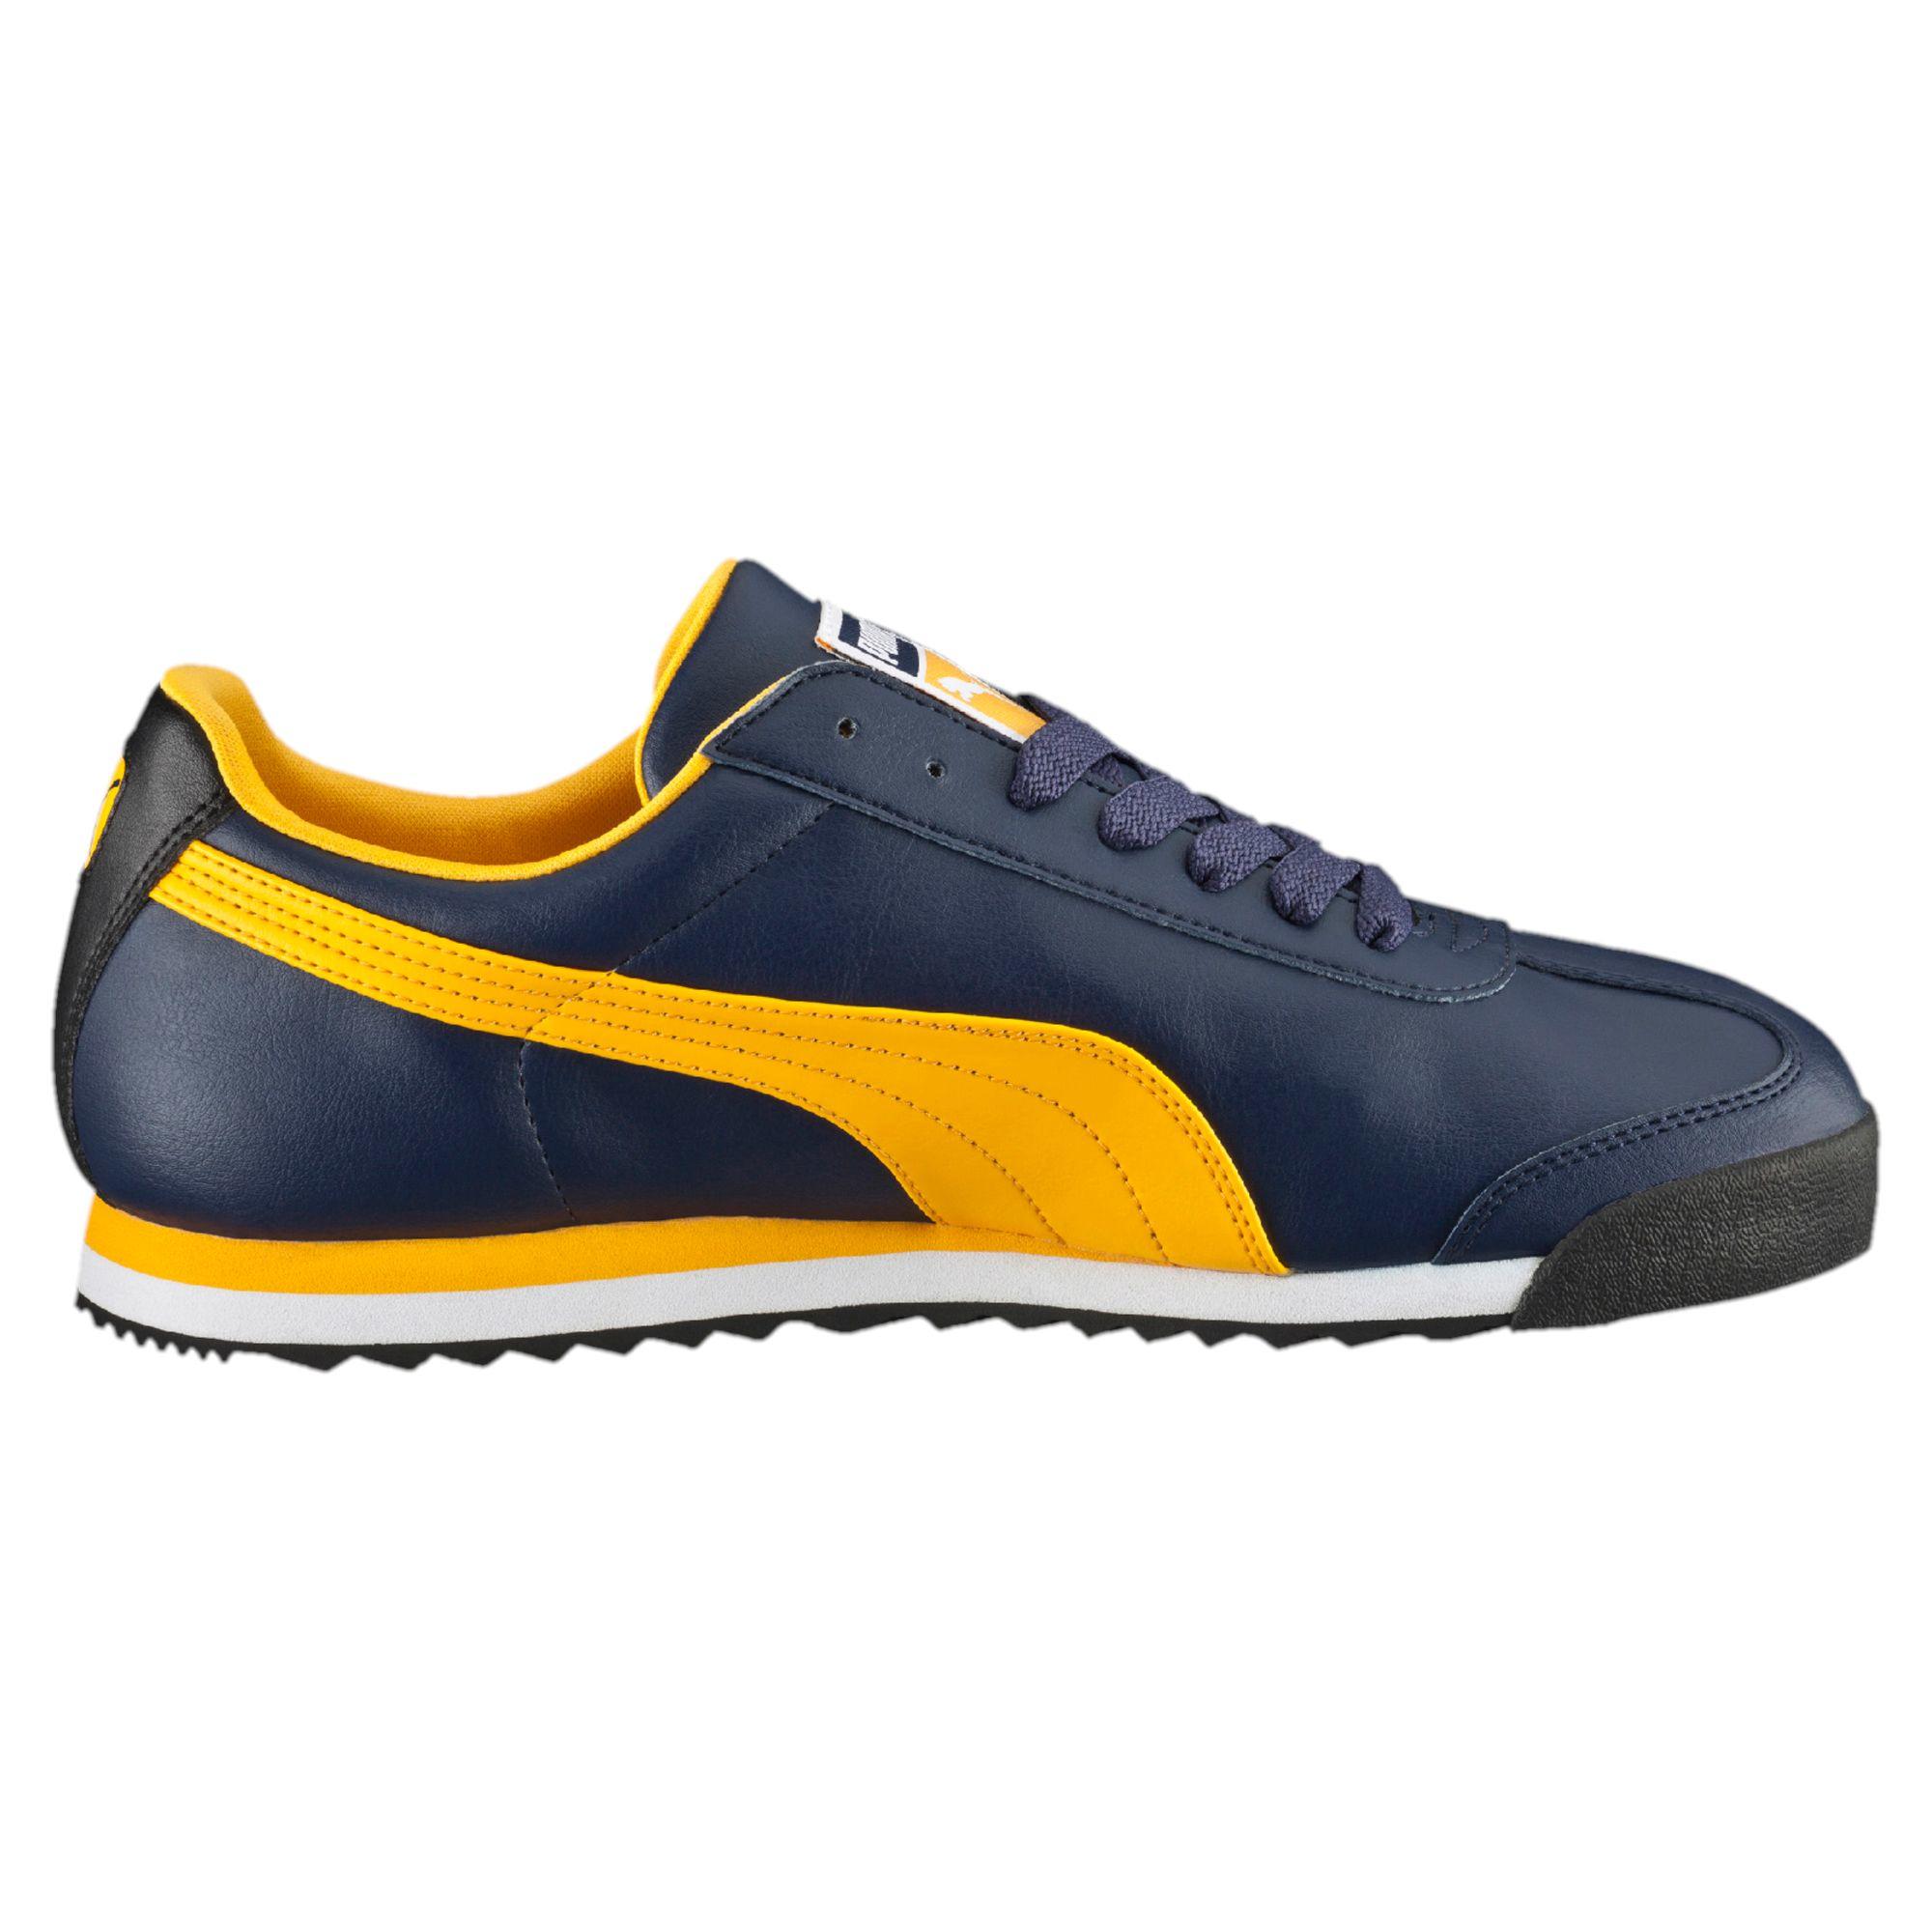 new concept e1d06 b6b64 ... puma roma slim nylon dark blue orange  puma evopower 1 fg soccer boots  cleats blue pink white ...